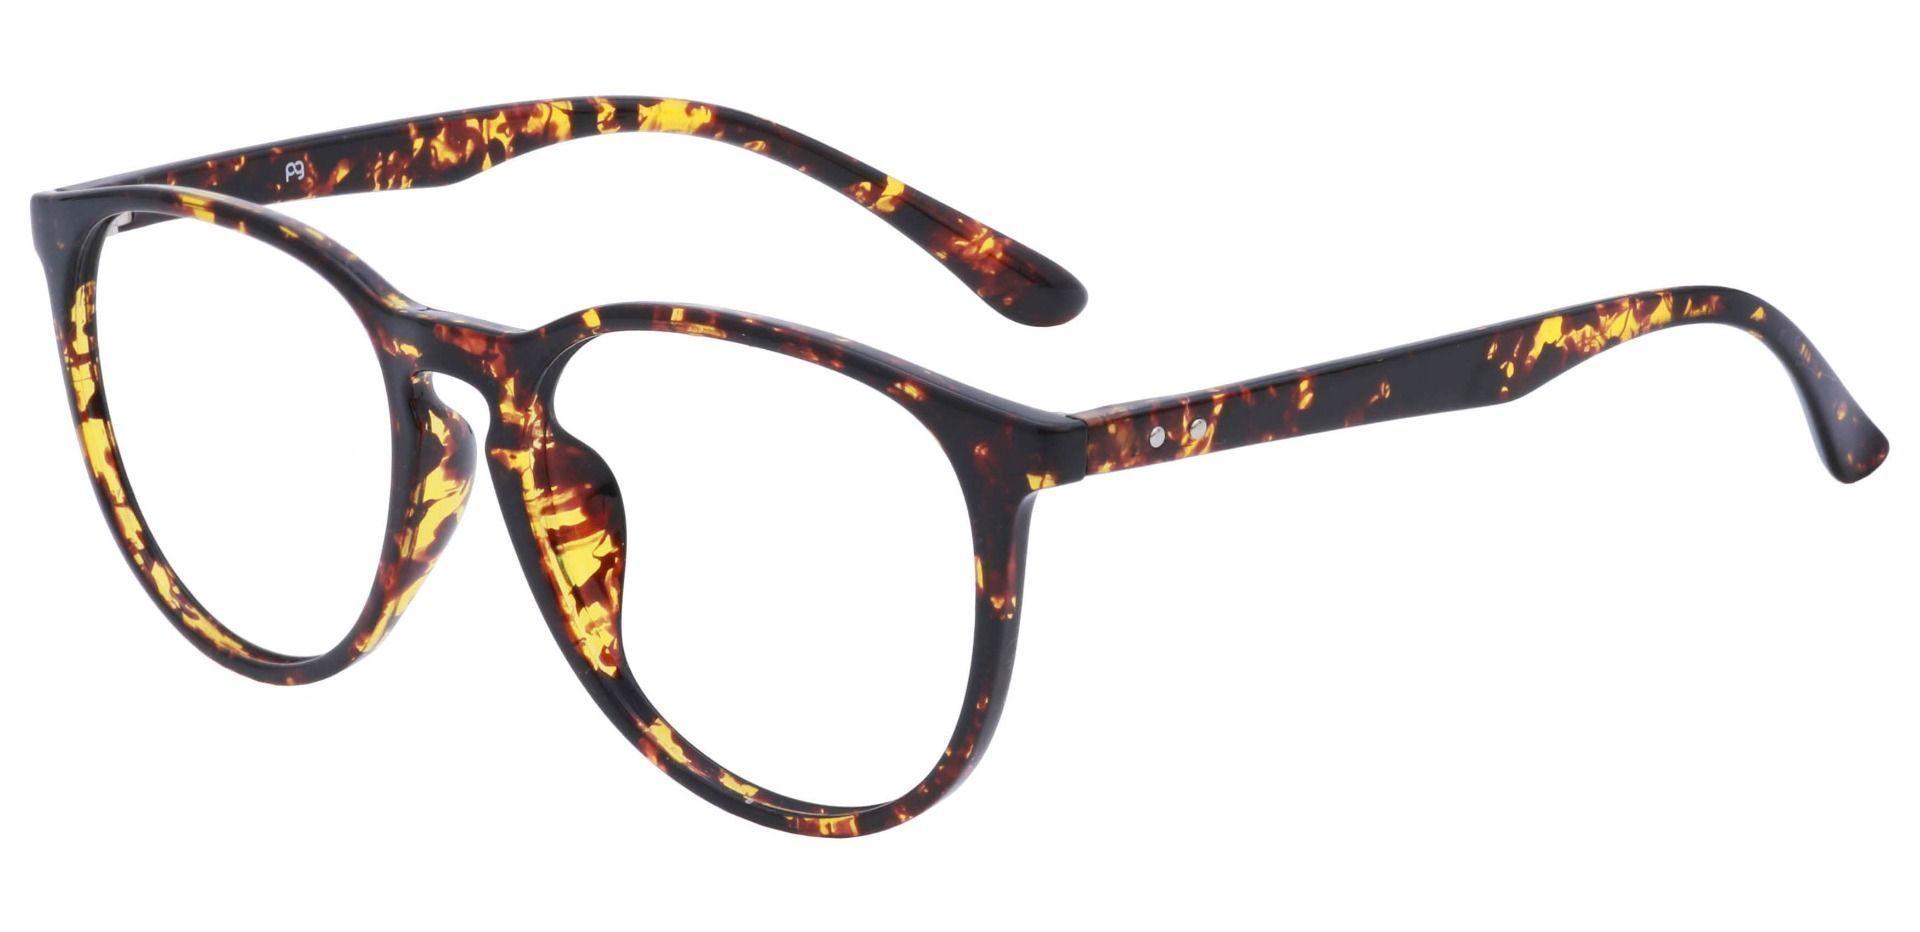 Maple Oversized Oval Lined Bifocal Glasses - Tortoiseshell